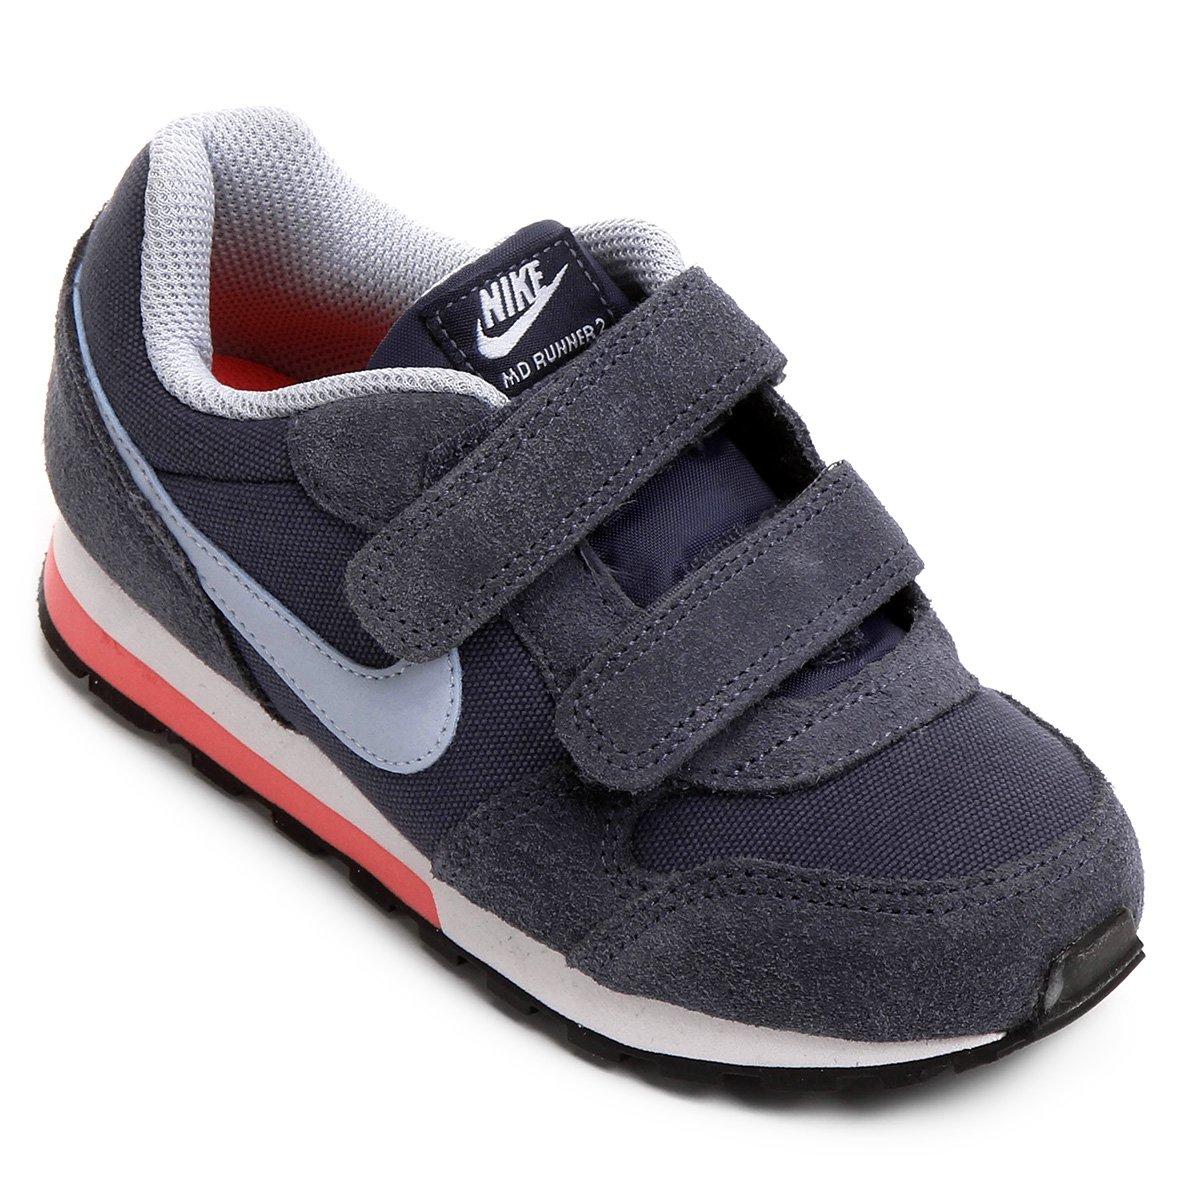 1194e2d26a1 Tênis Infantil Nike Md Runner 2 Feminino - Marinho e Azul - Compre Agora